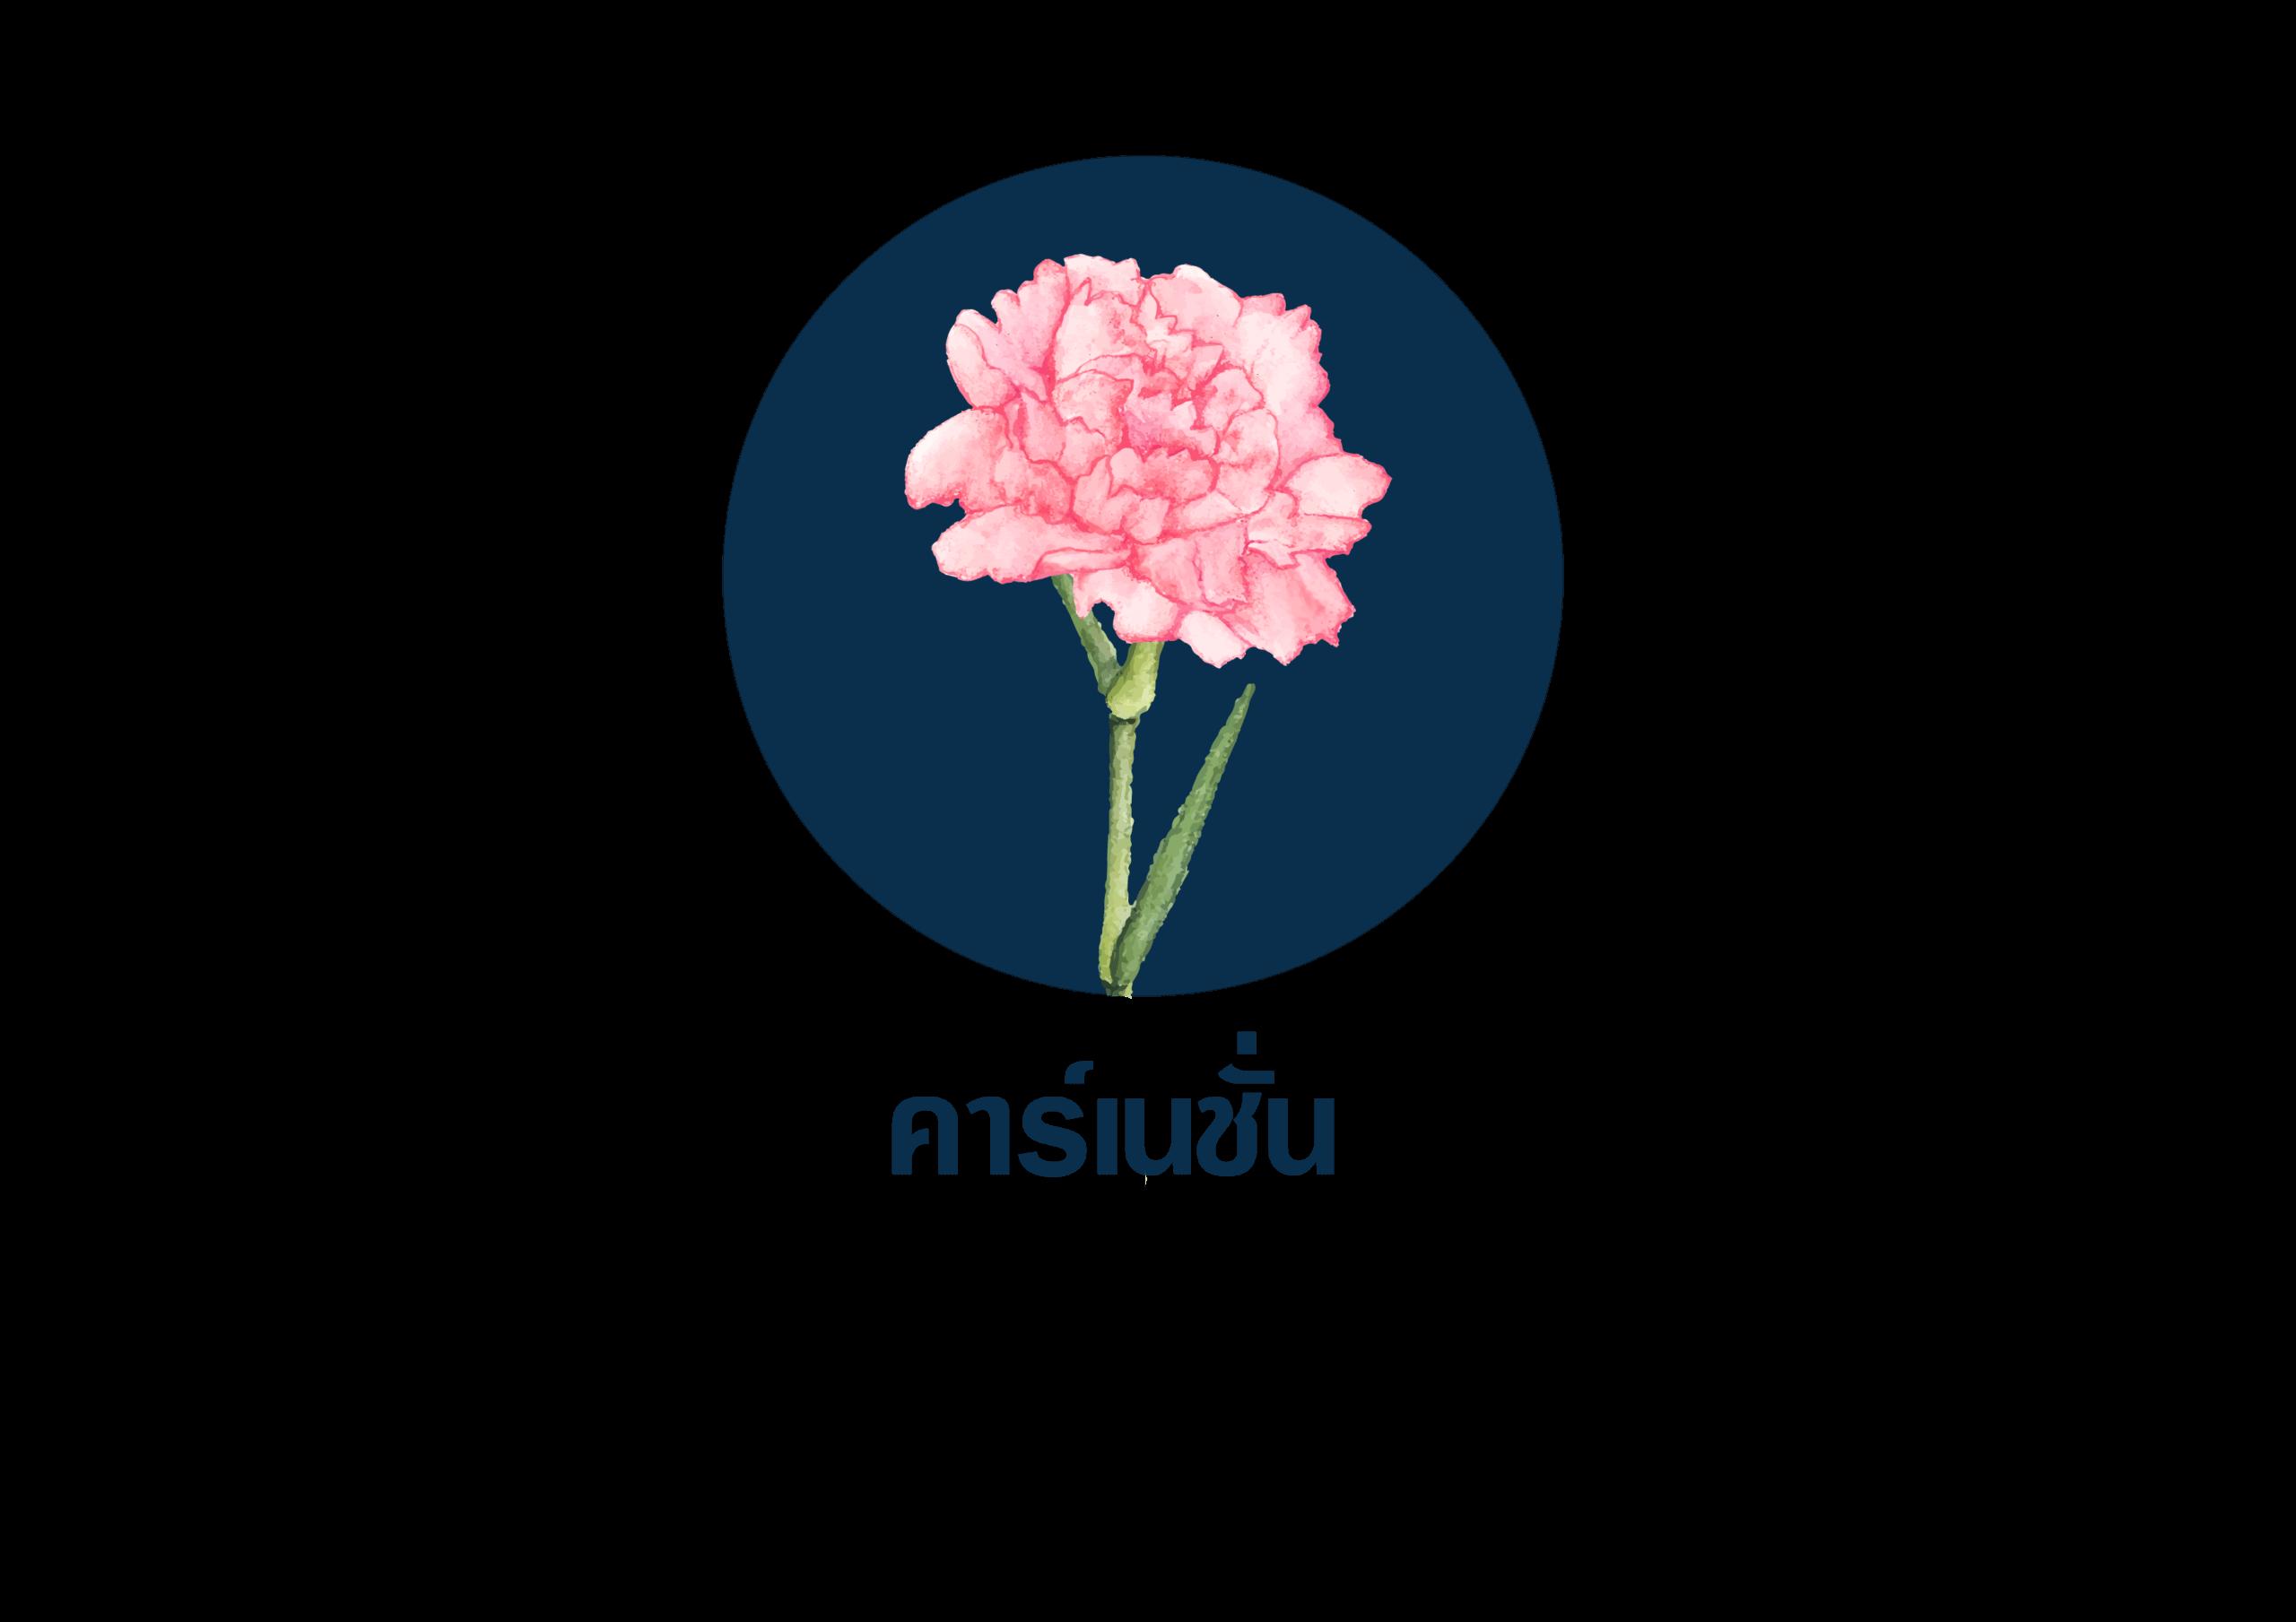 ดอกไม้ที่ใช้สำหรับจัดงานศพ 5